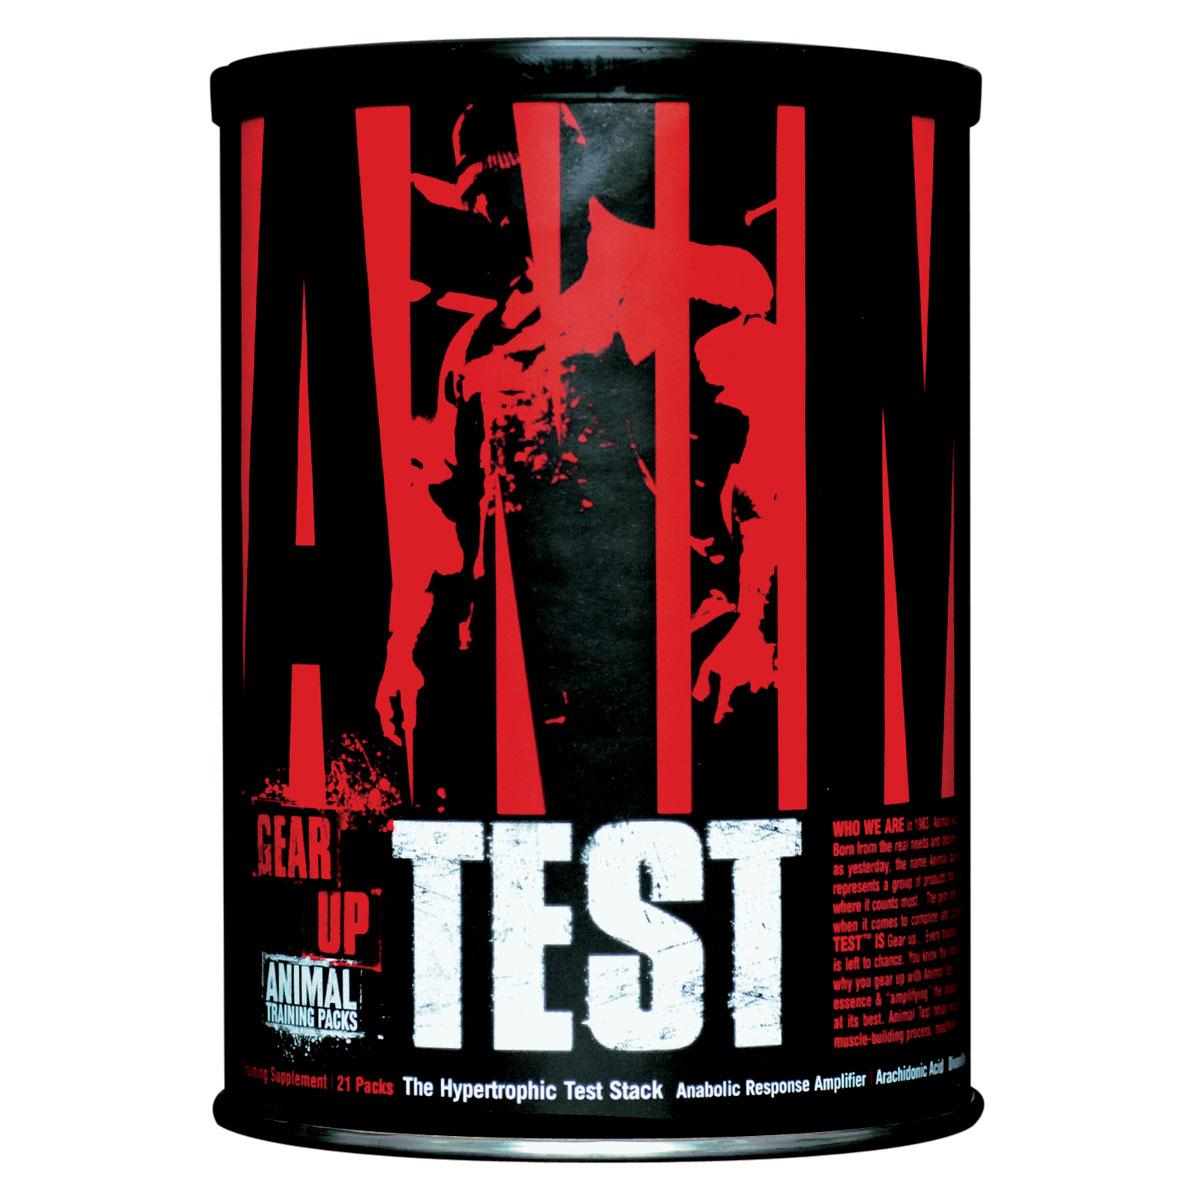 Средства для повышения тестостерона Animal Test 21 пак ( U3032 )